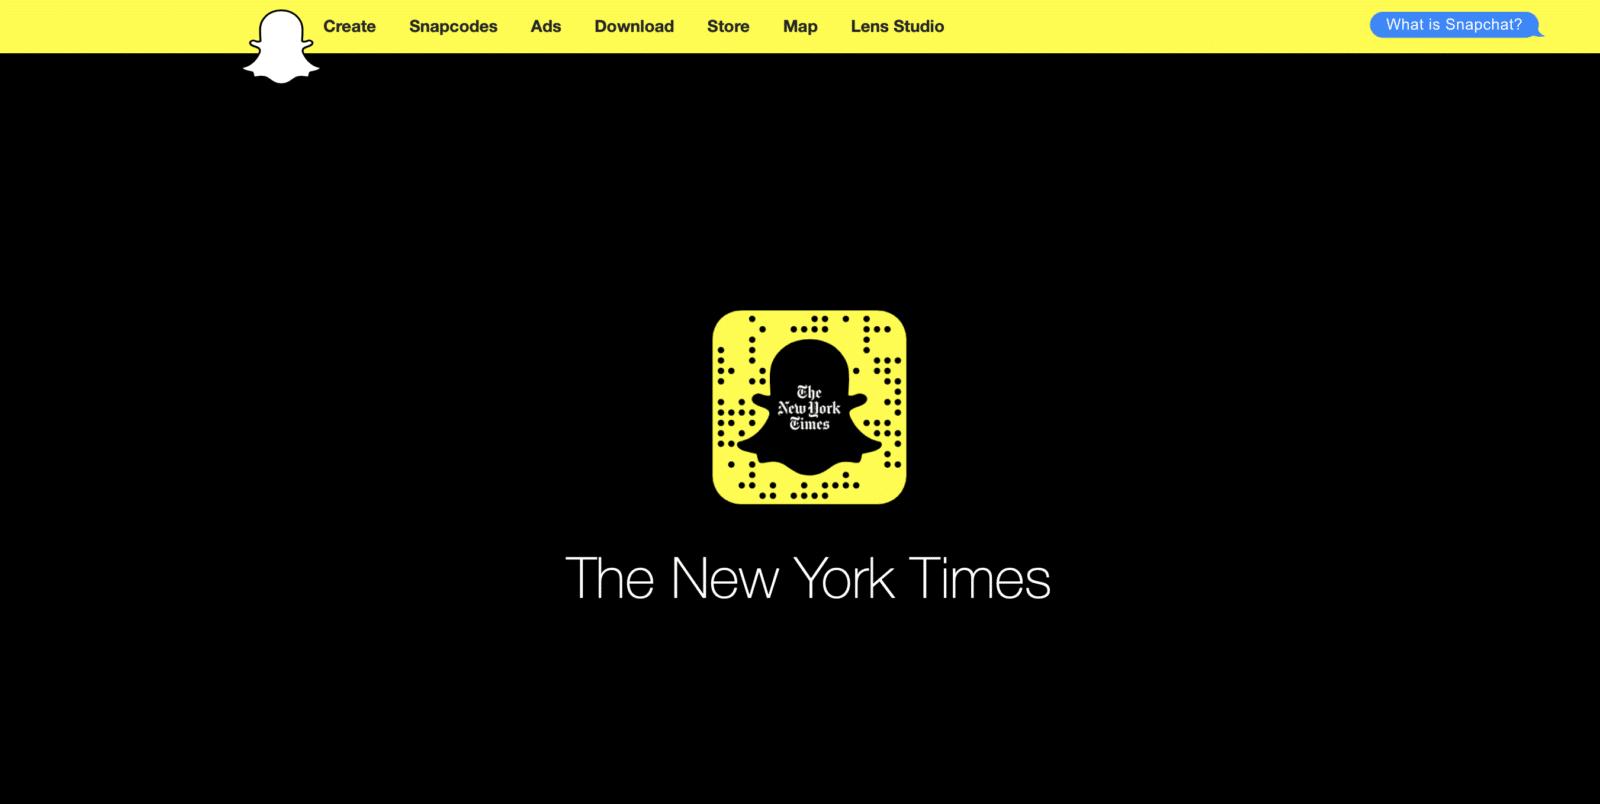 Publisher เริ่มบอกลา Snapchat แล้ว ล่าสุด เลิกลงคอนเทนต์